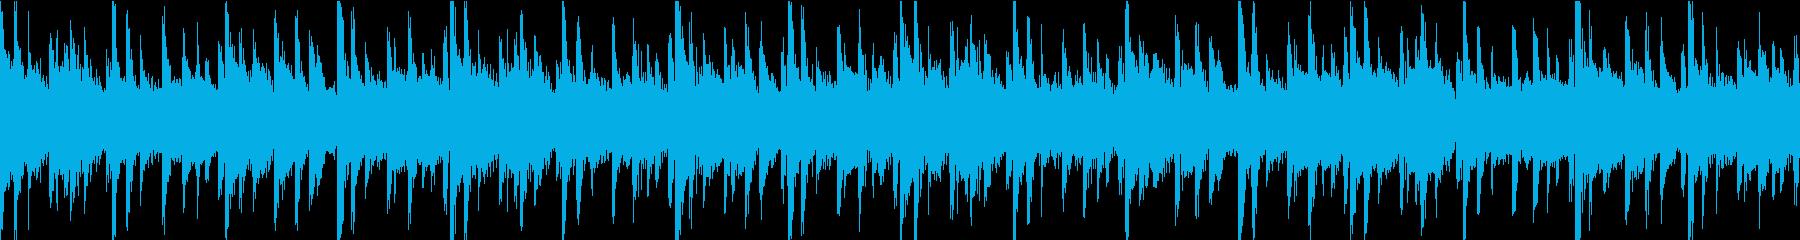 シンプルなループ素材の再生済みの波形